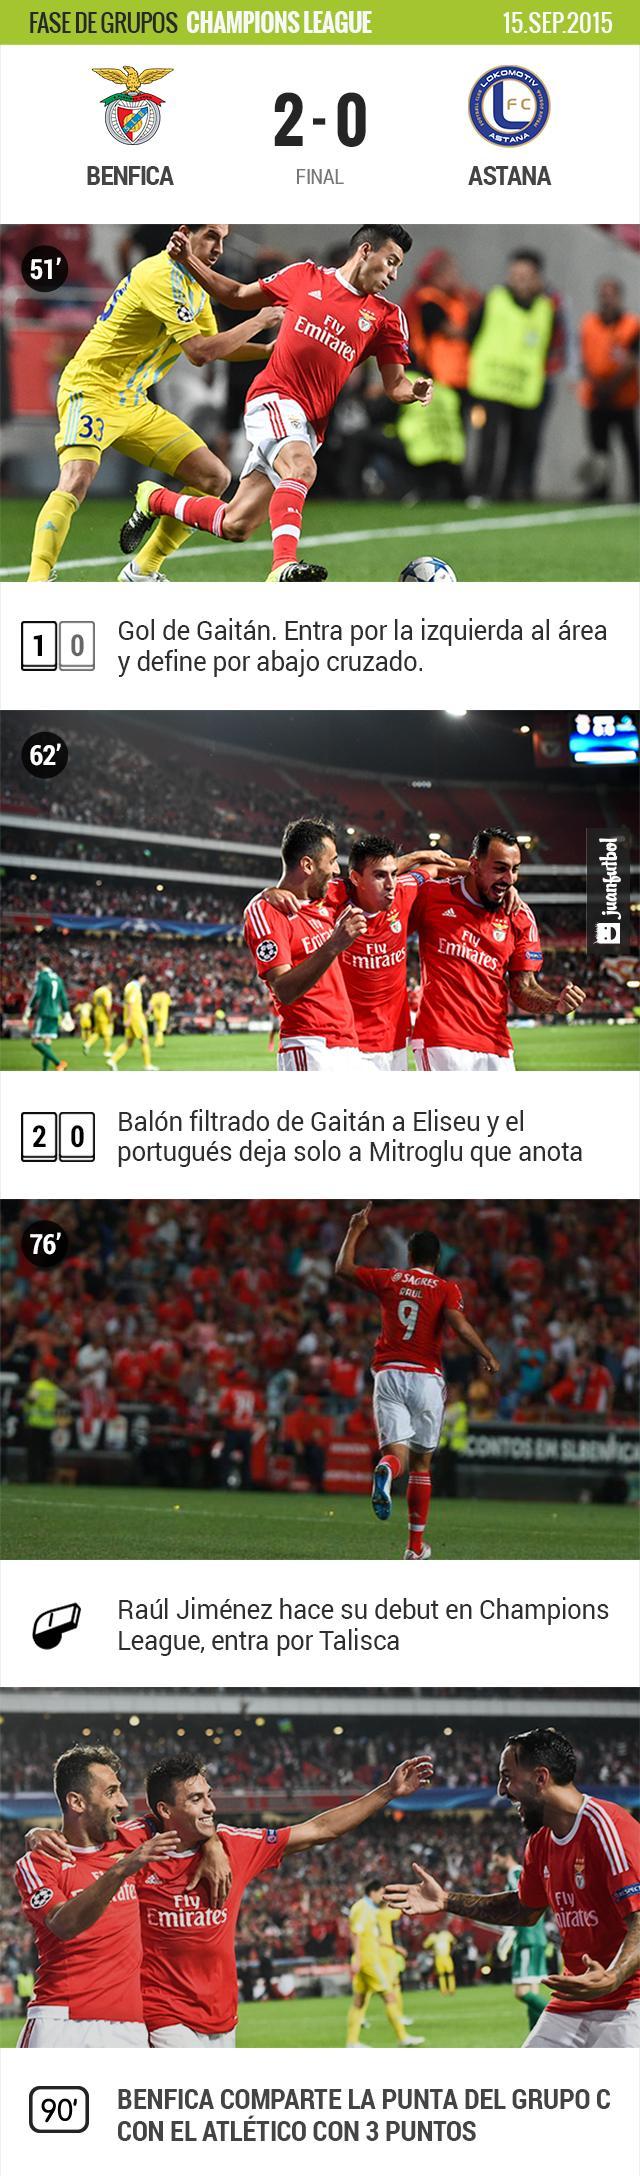 Benfica vence 2-0 al Astana con goles de Gaitán y Mitroglu. Jiménez entro al minuto 76.